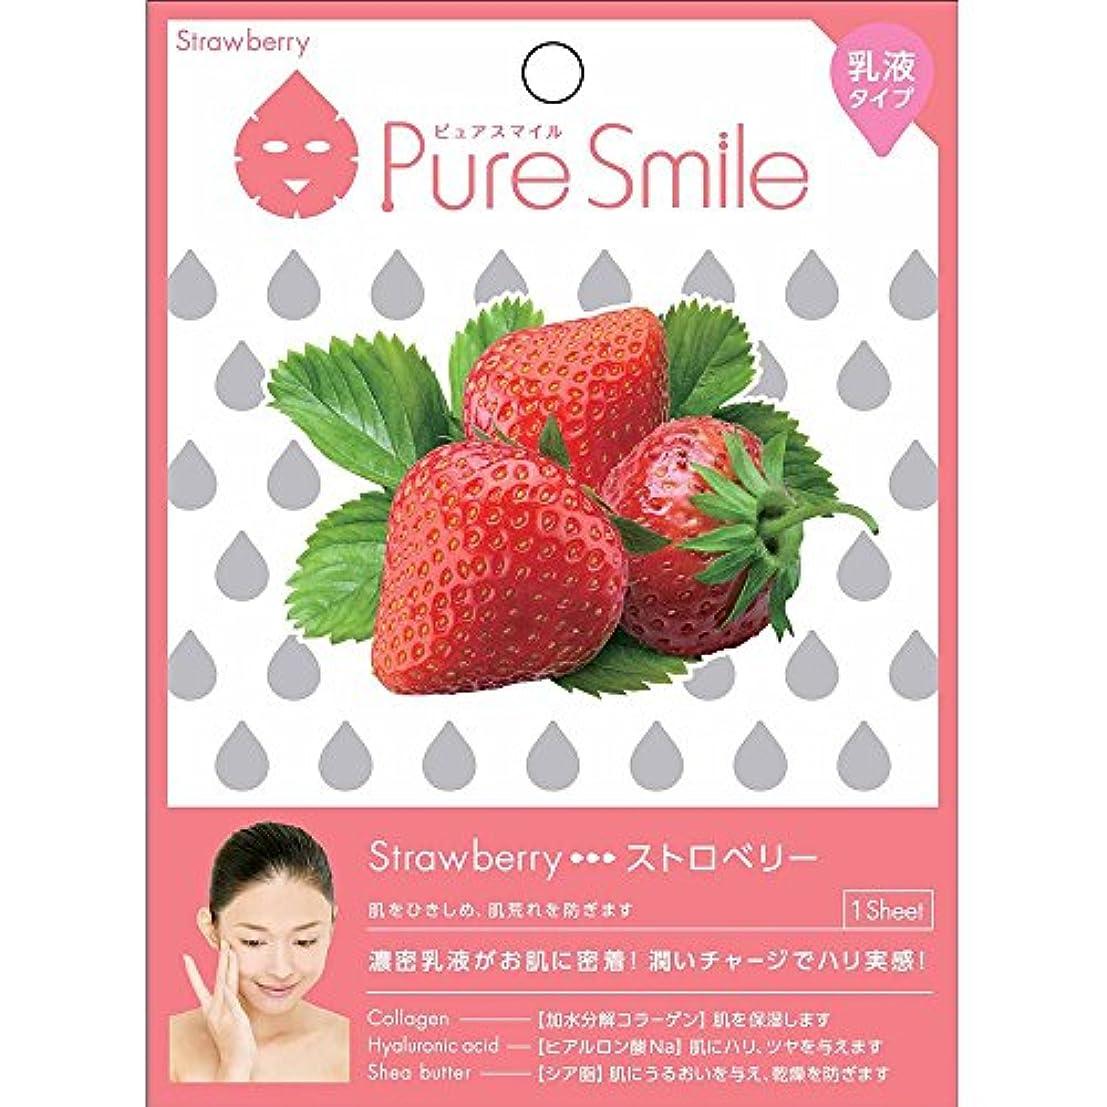 強要ファランクス大惨事Pure Smile/ピュアスマイル 乳液 エッセンス/フェイスマスク 『Strawberry/ストロベリー(苺)』